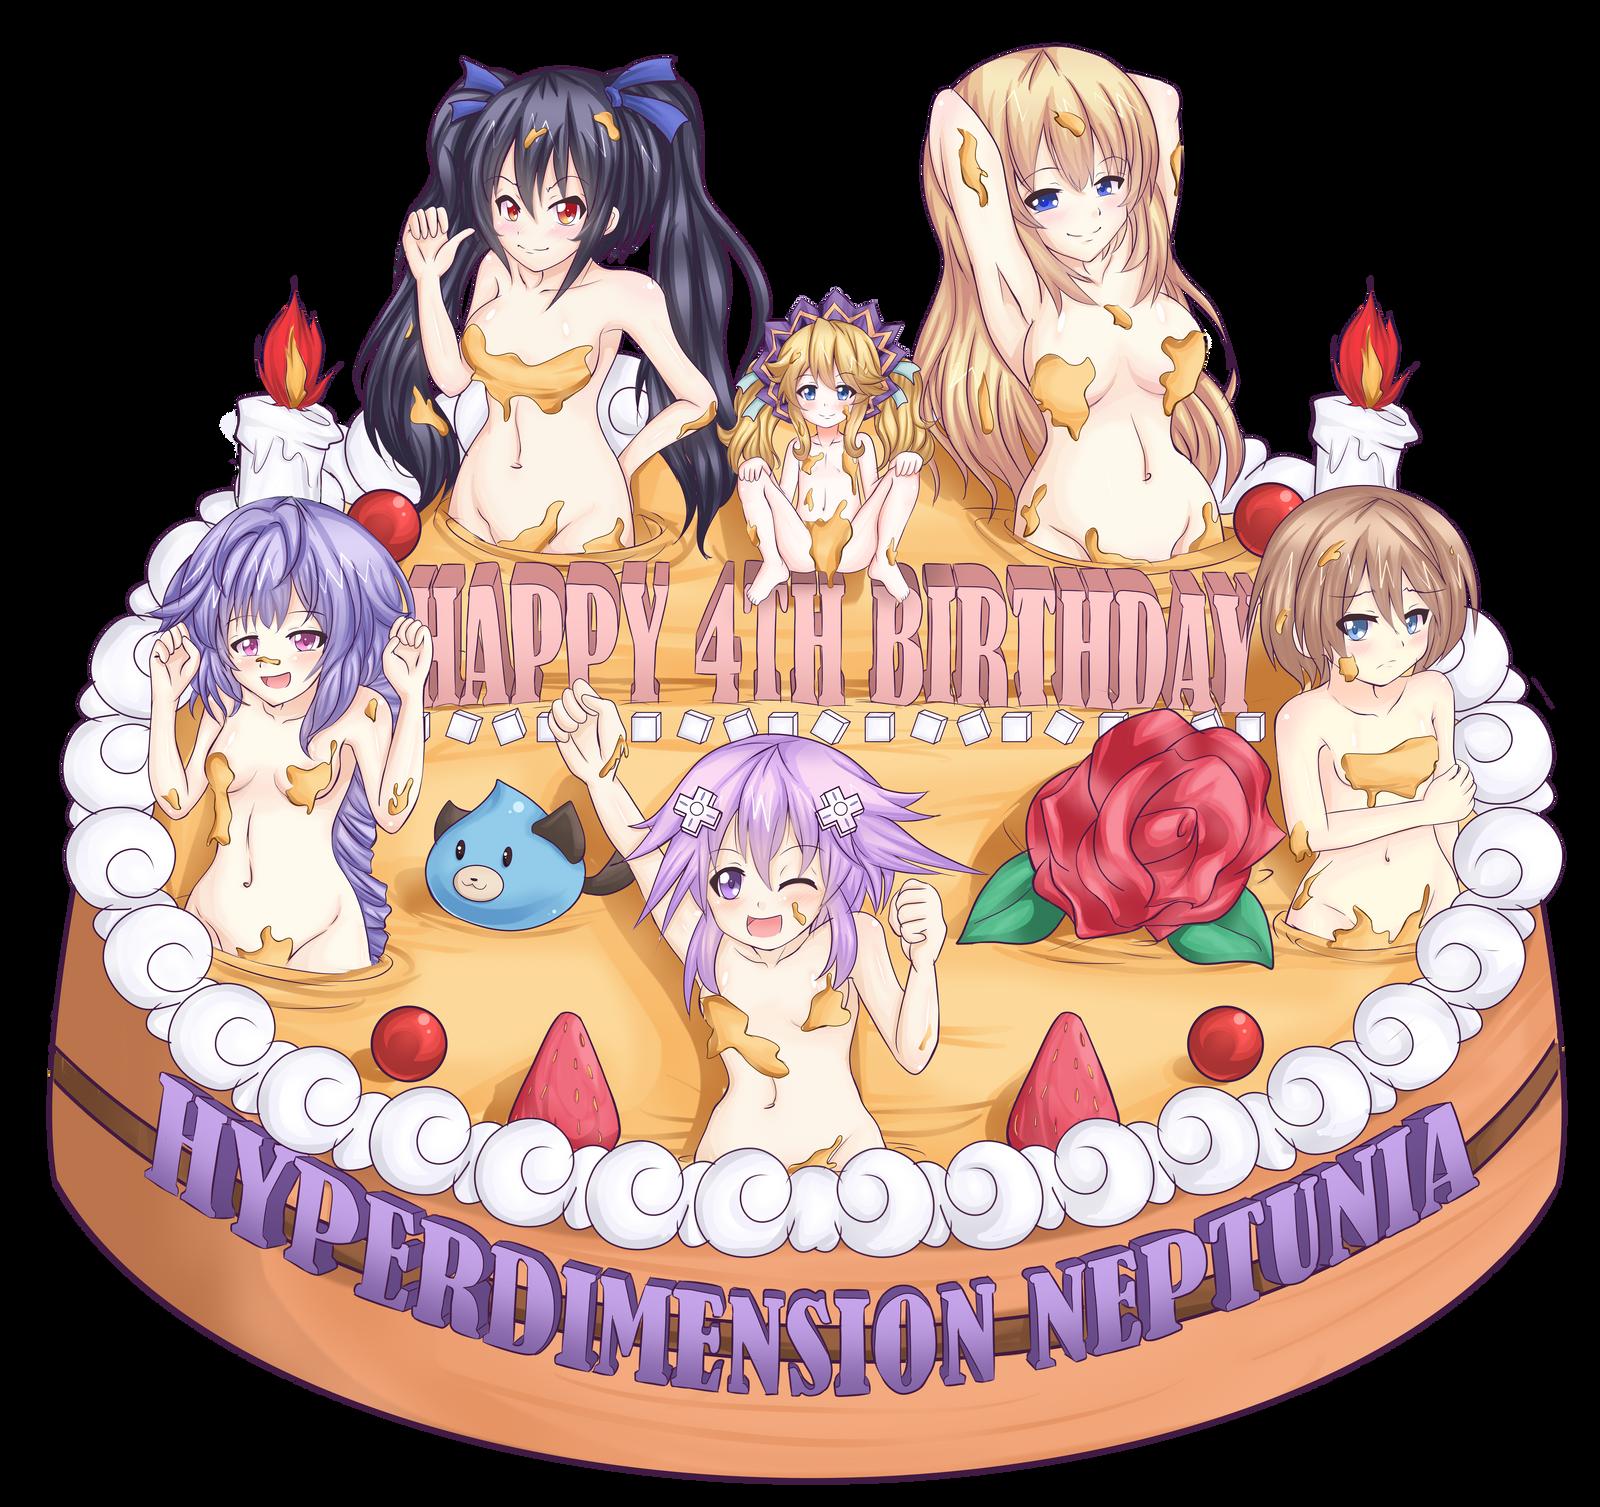 Bildergebnis für hyperdimension neptunia neptune birthday